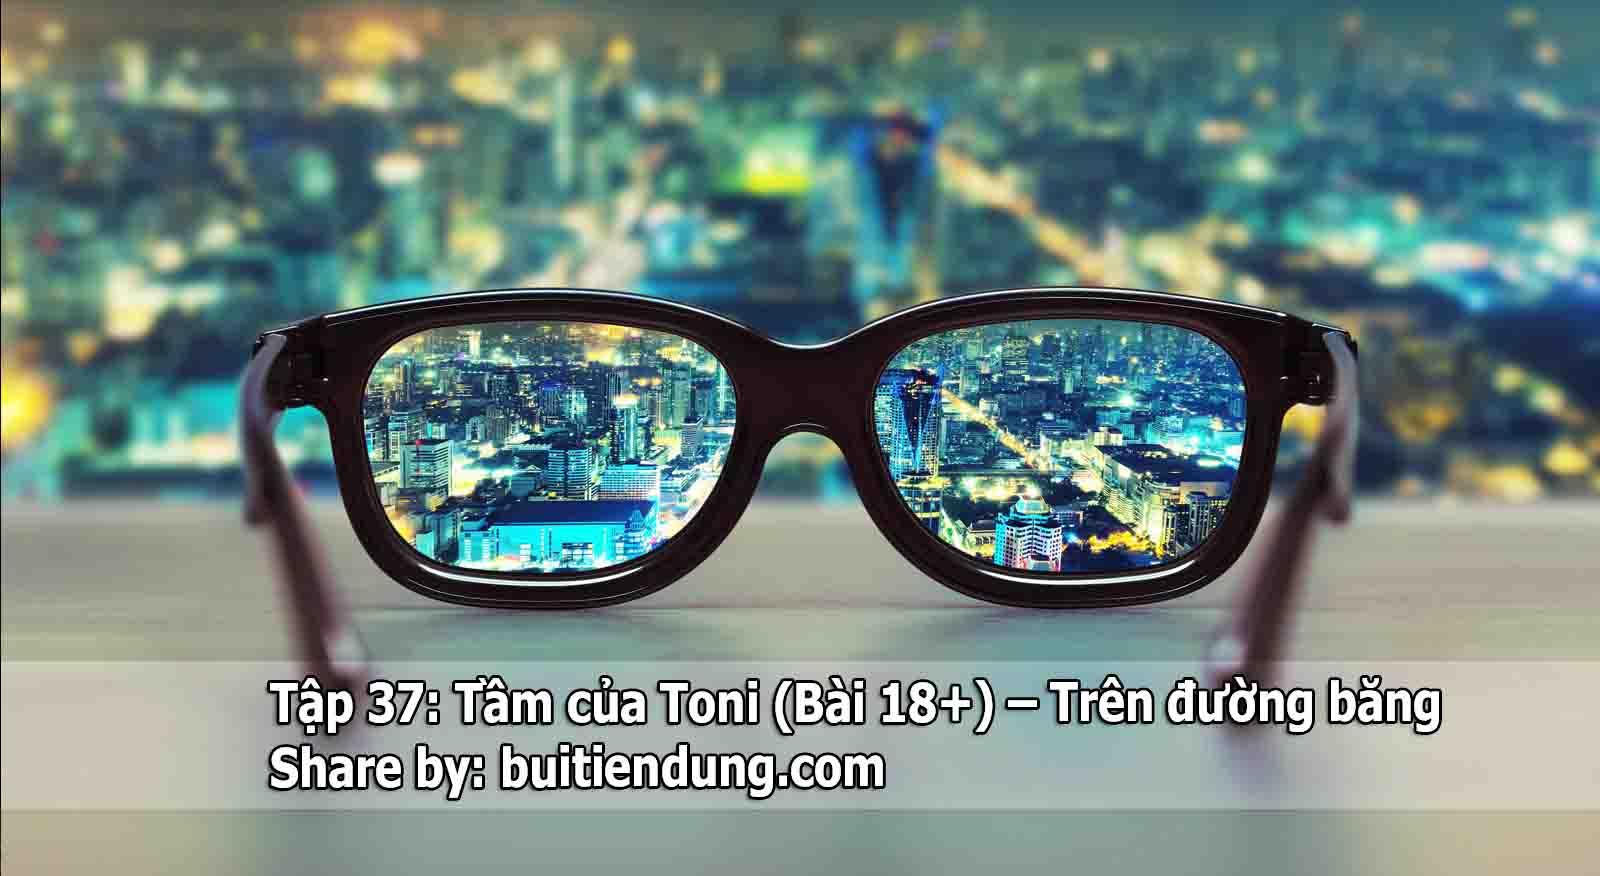 tap-37-tam-cua-toni-bai-18+-tren-duong-bang-tony-buoi-sang